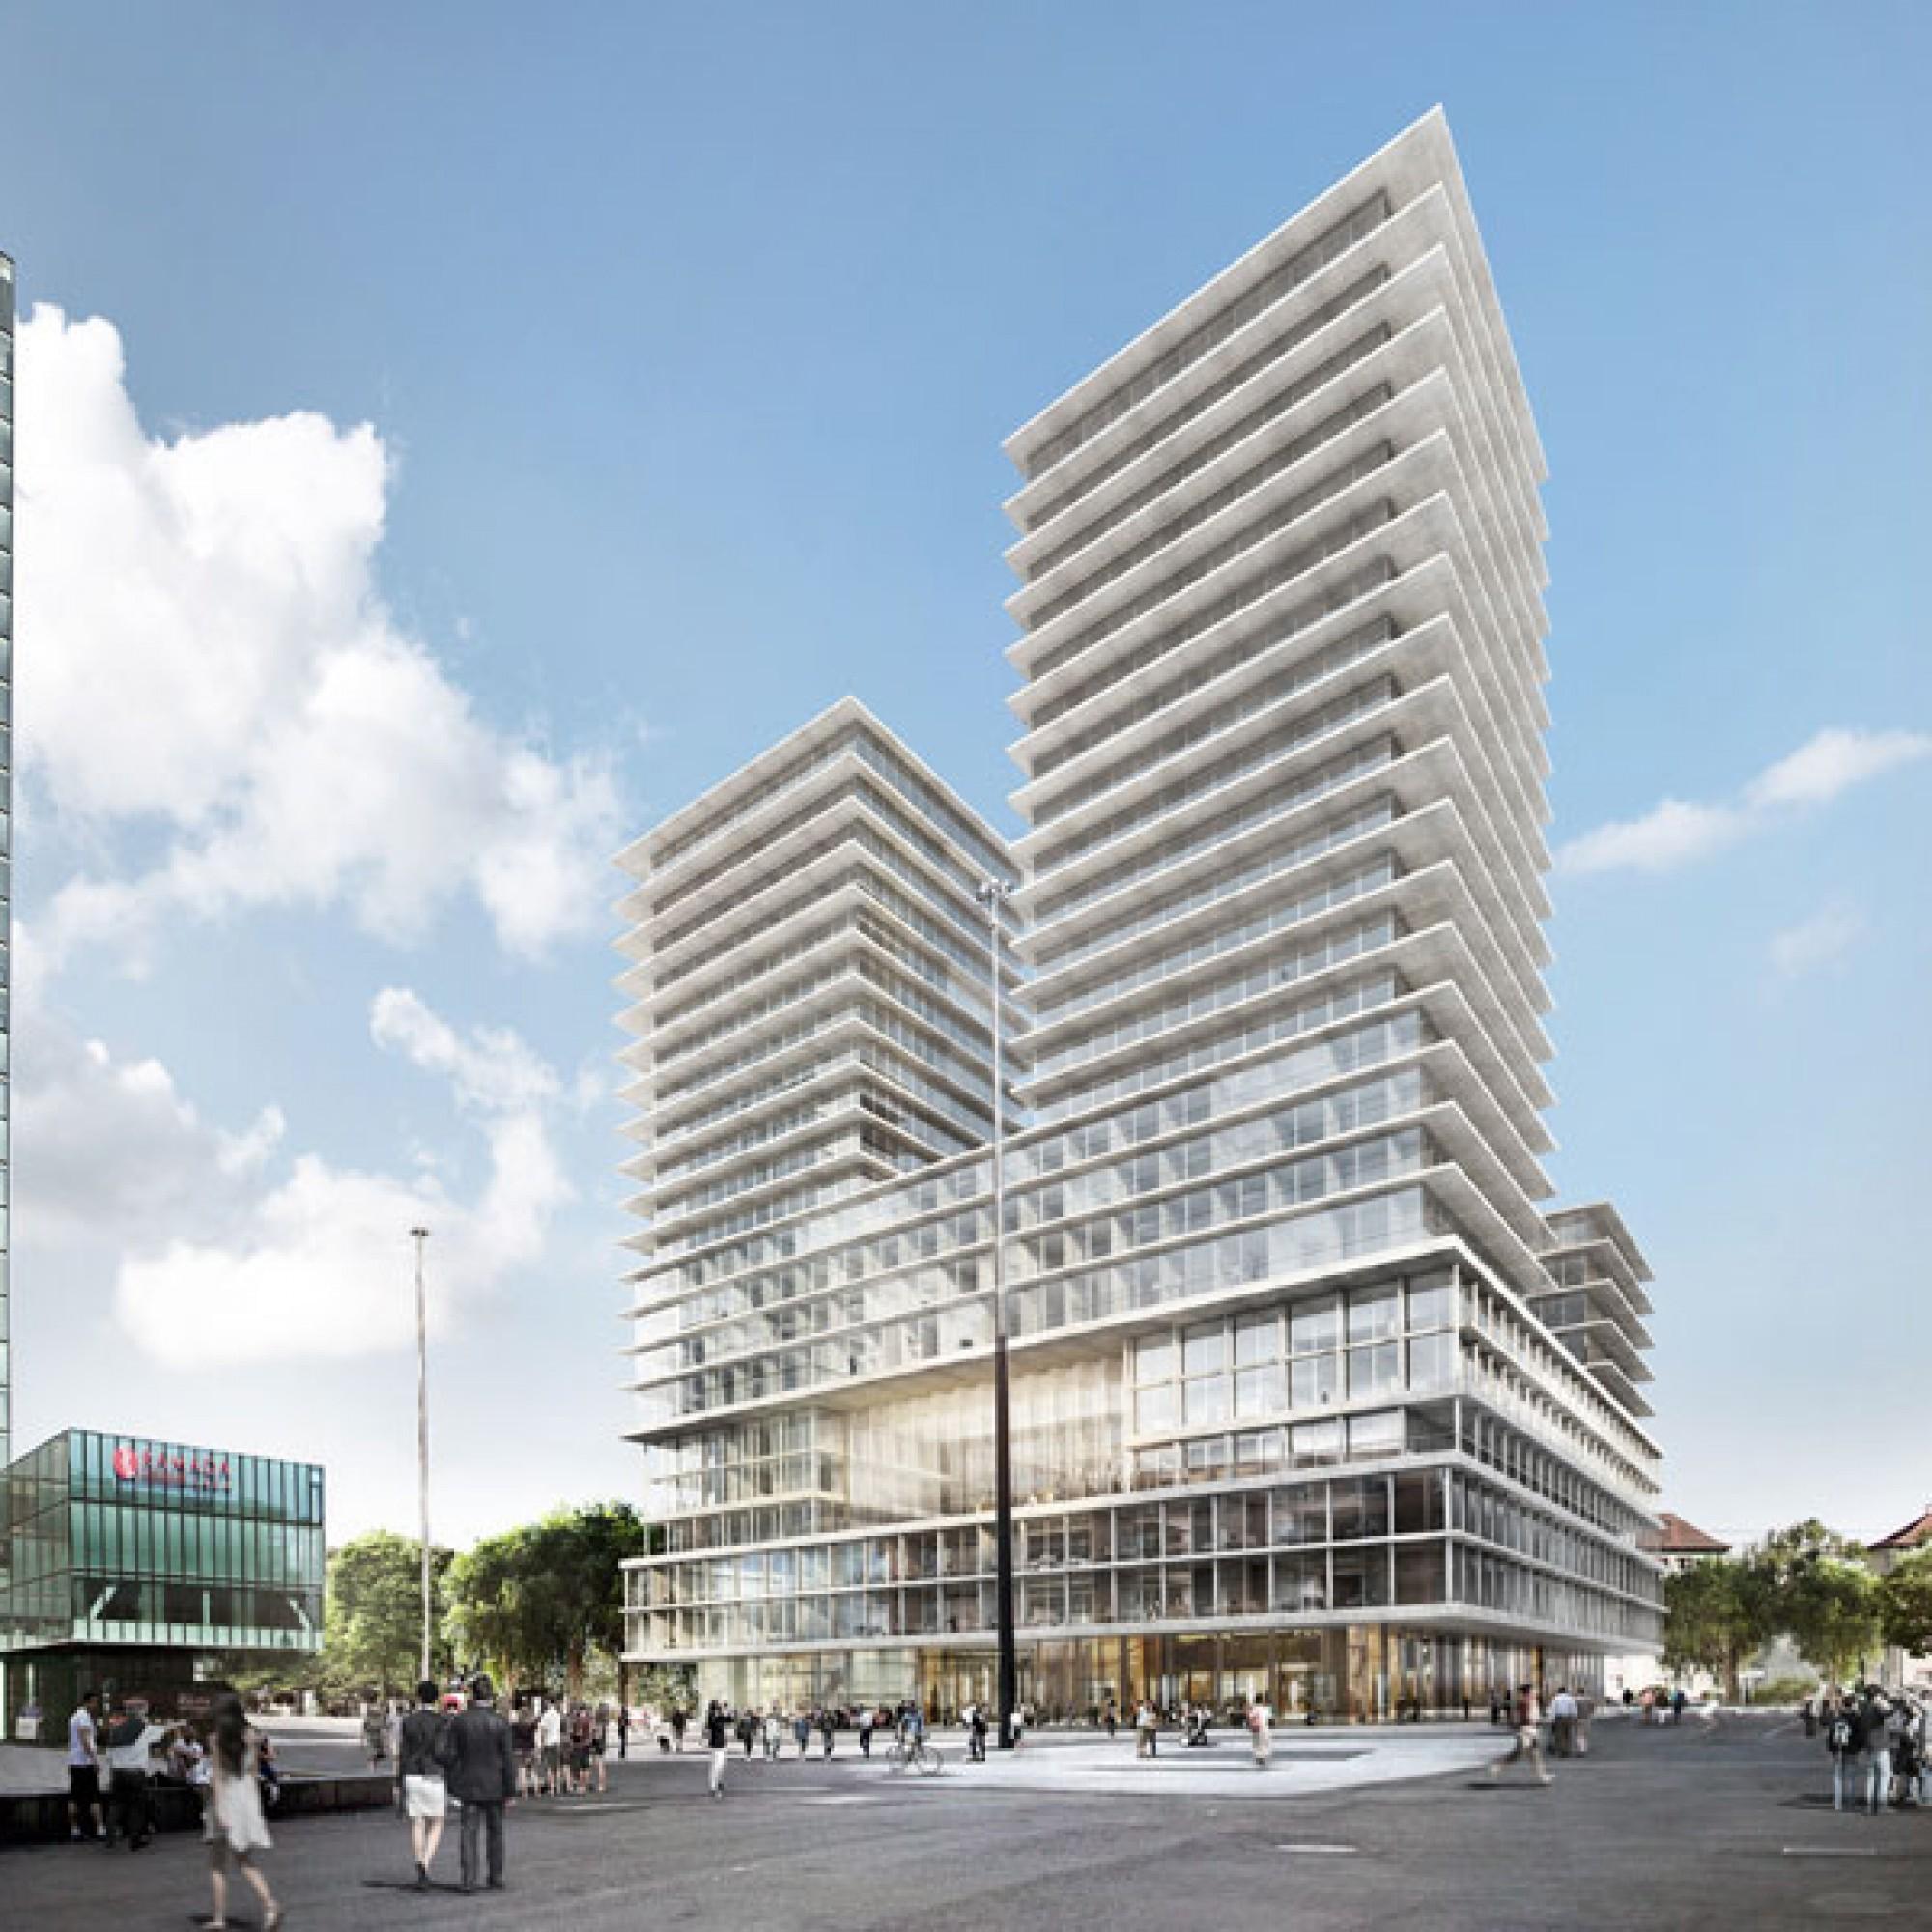 Der Entwurf von Herzog & de Meuron für das neue Hochhaus (Mitte). Links der bestehende Turm (Messe Basel)